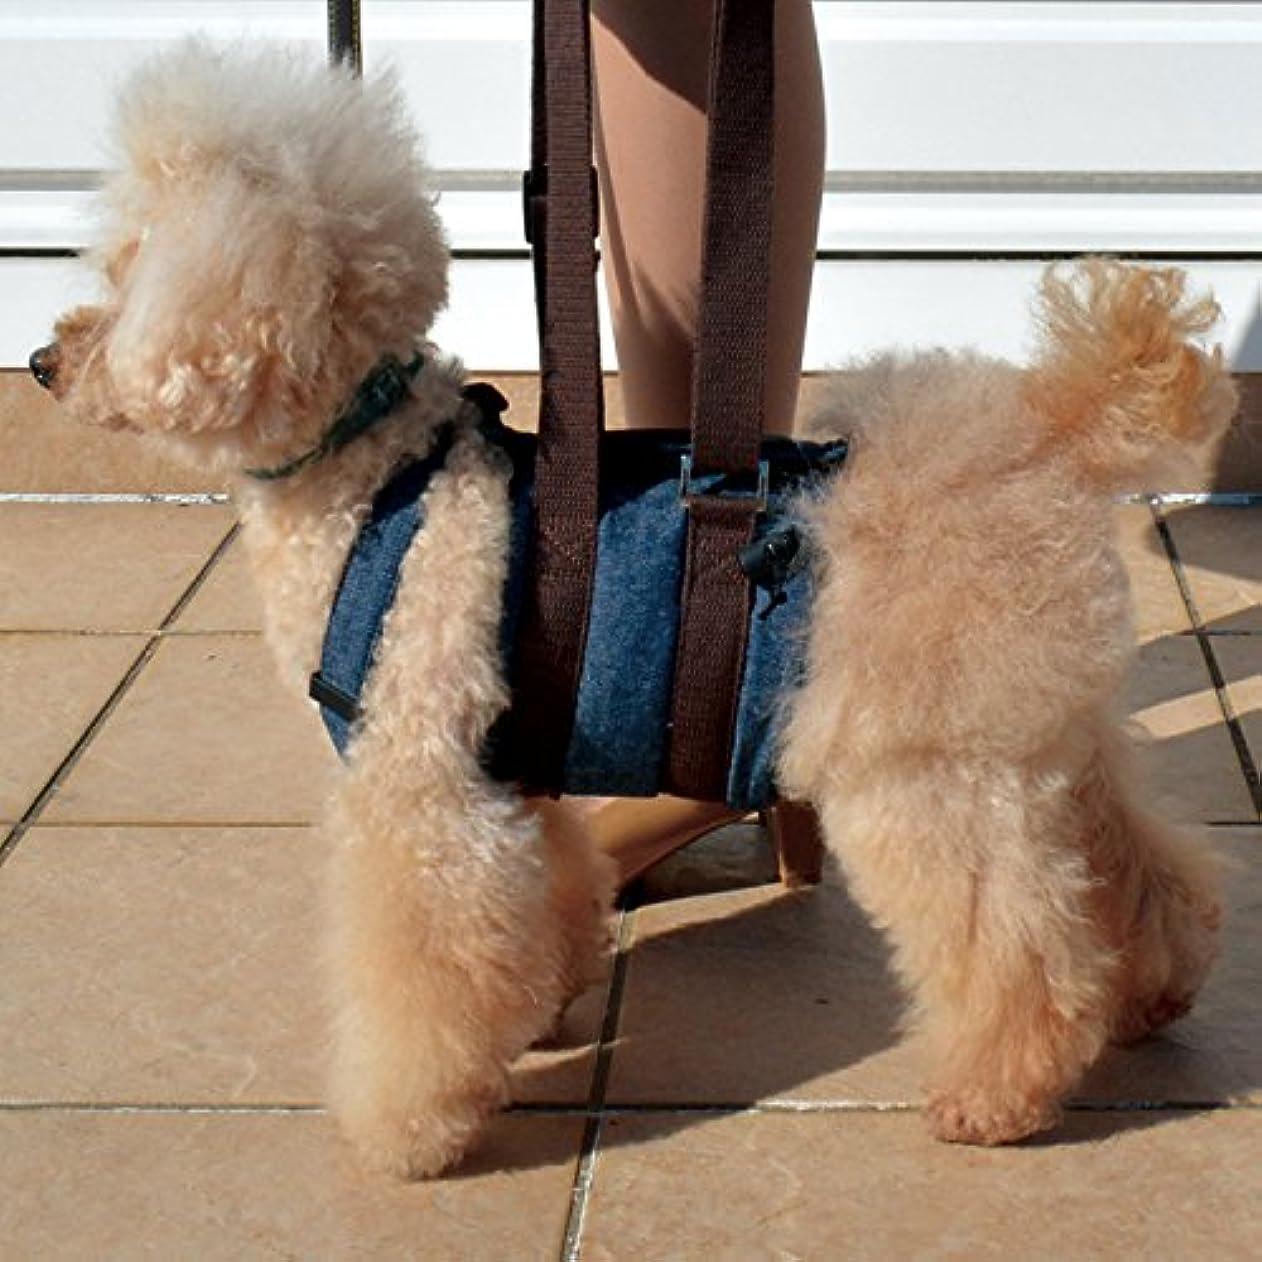 ステートメントコール煙突RURU PET 国内正規品 犬用介護ハーネス ウオークわんデニム 足腰が弱くなってきたワンちゃの歩行補助 トイレの補助に (S-ロング)